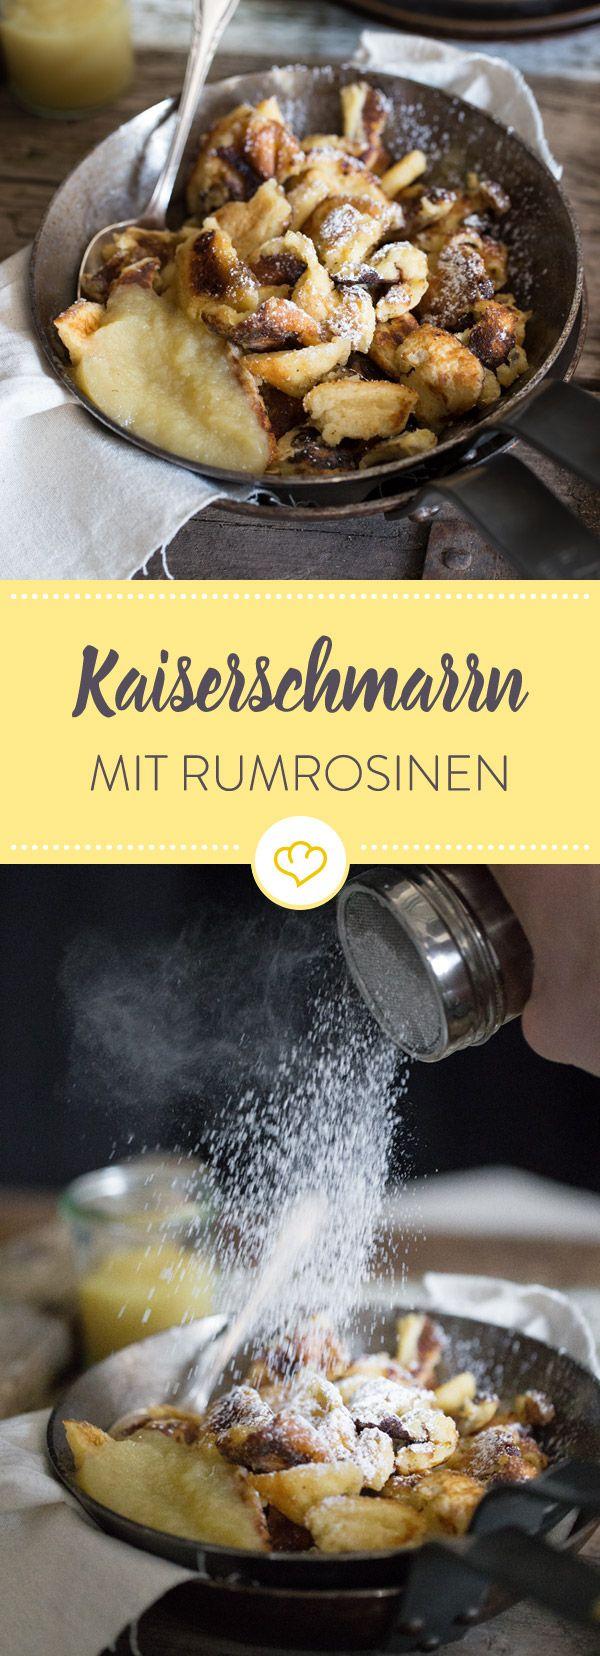 Der perfekte Kaiserschmarrn: Innen luftig, außen karamellisiert und knusprig. Die Rumrosinen im Teig machen diese Variante zum Deluxe-Rezept!